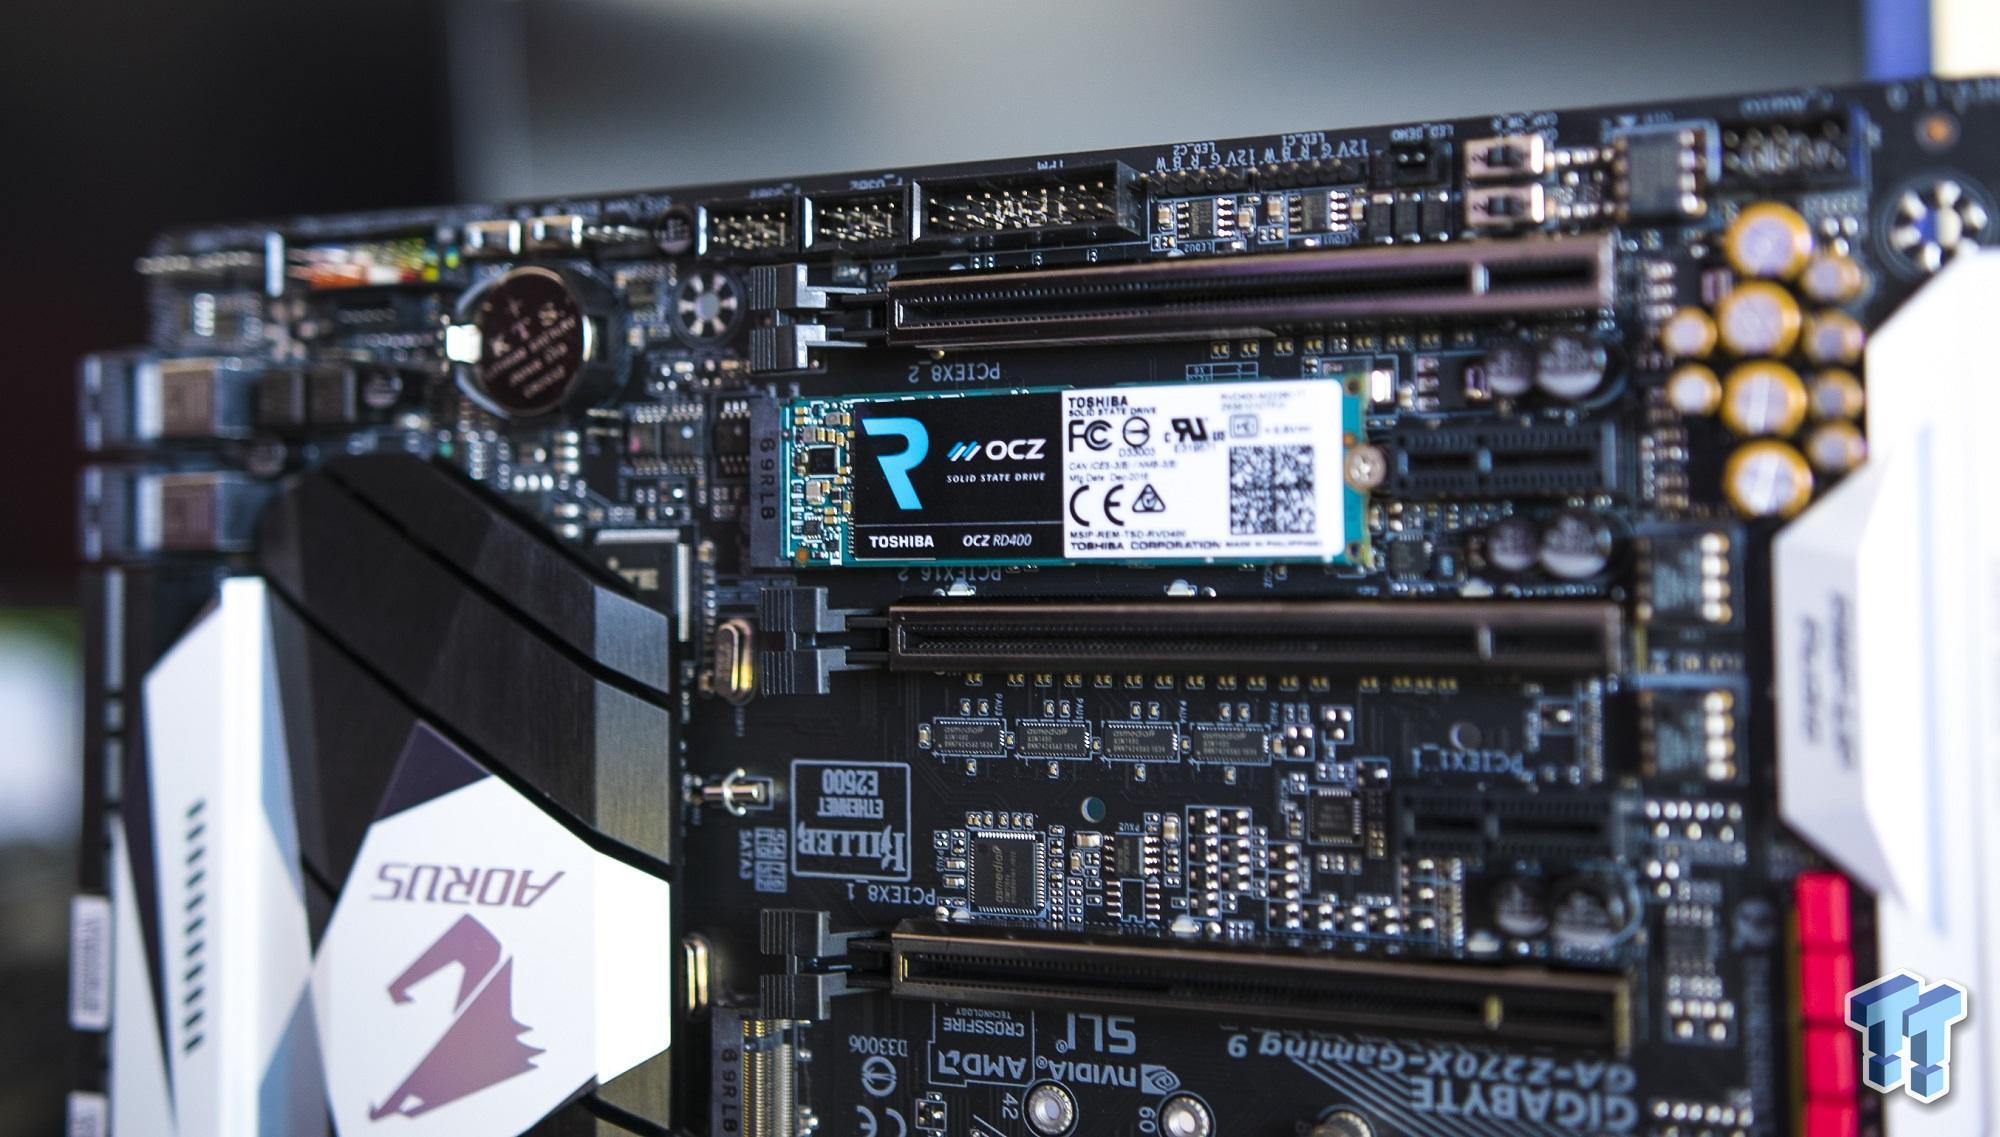 AORUS GeForce GTX 1080 Ti 11G Review